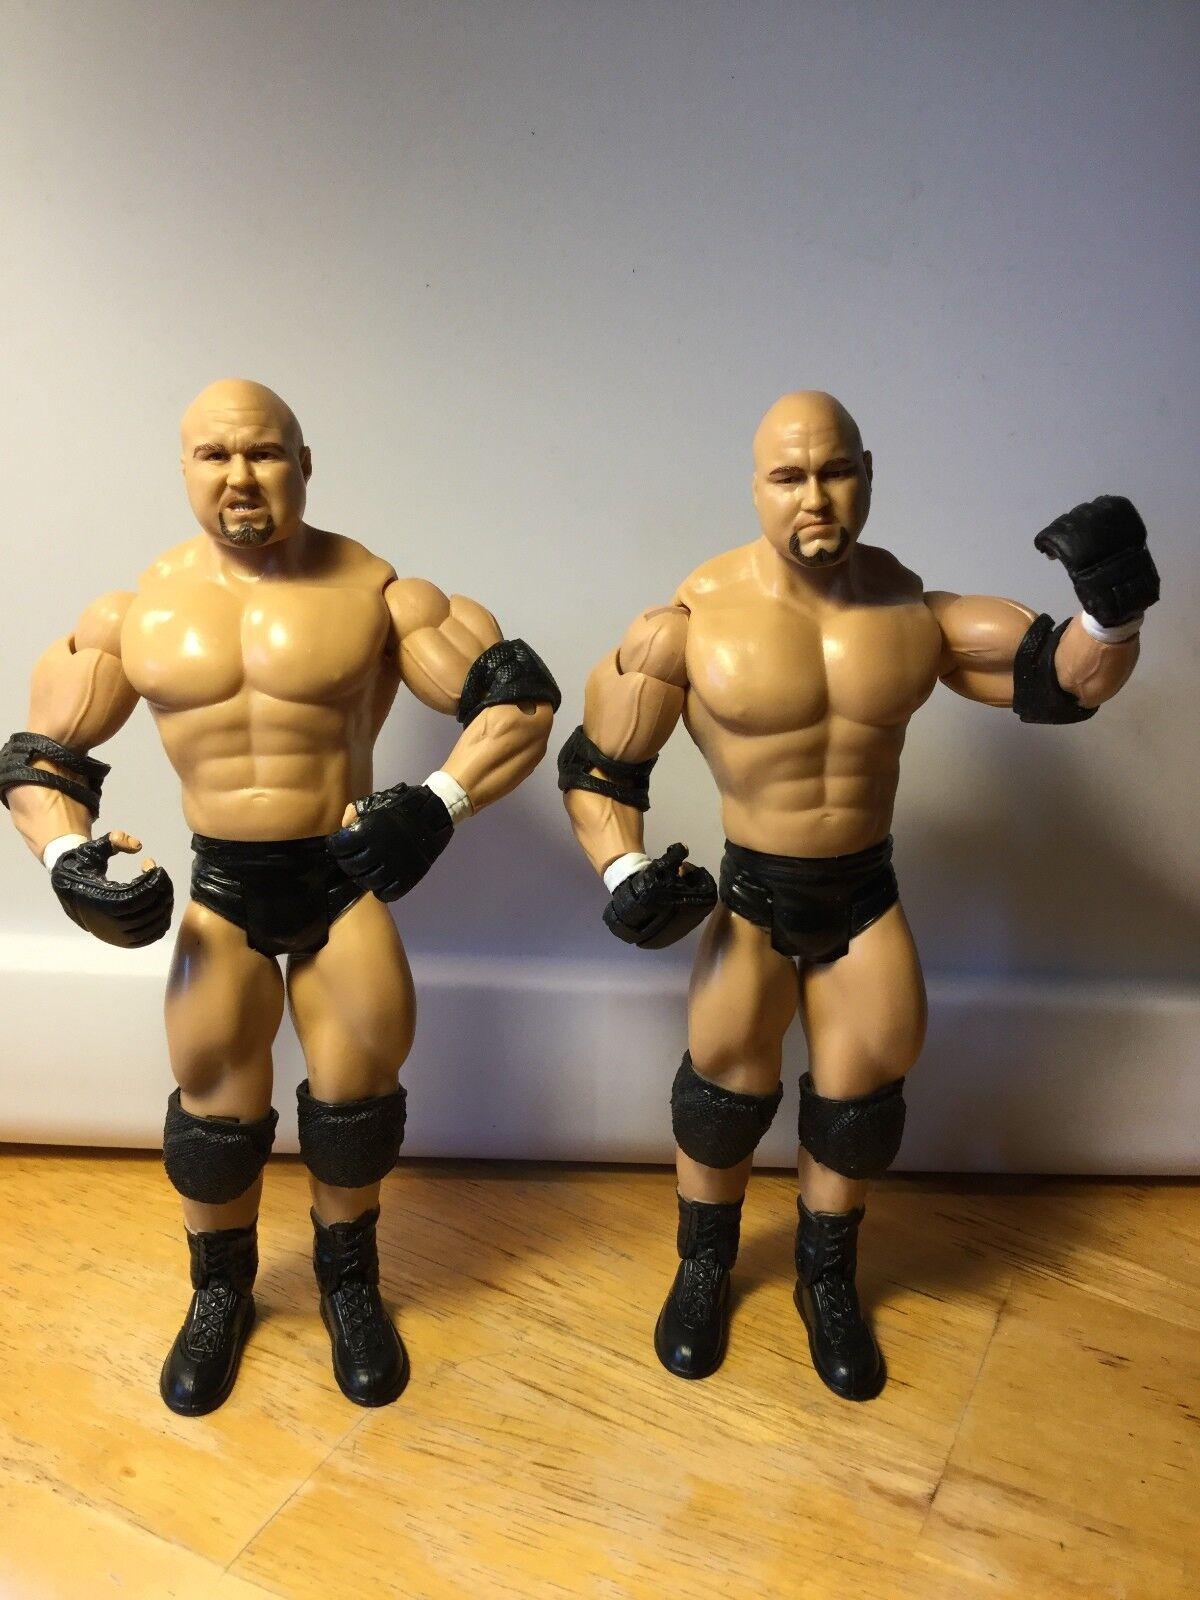 THE BASHAMS DANNY & DOUG DOUG DOUG WWE RUTHLESS AGGRESSION  FIGURES 249e9c